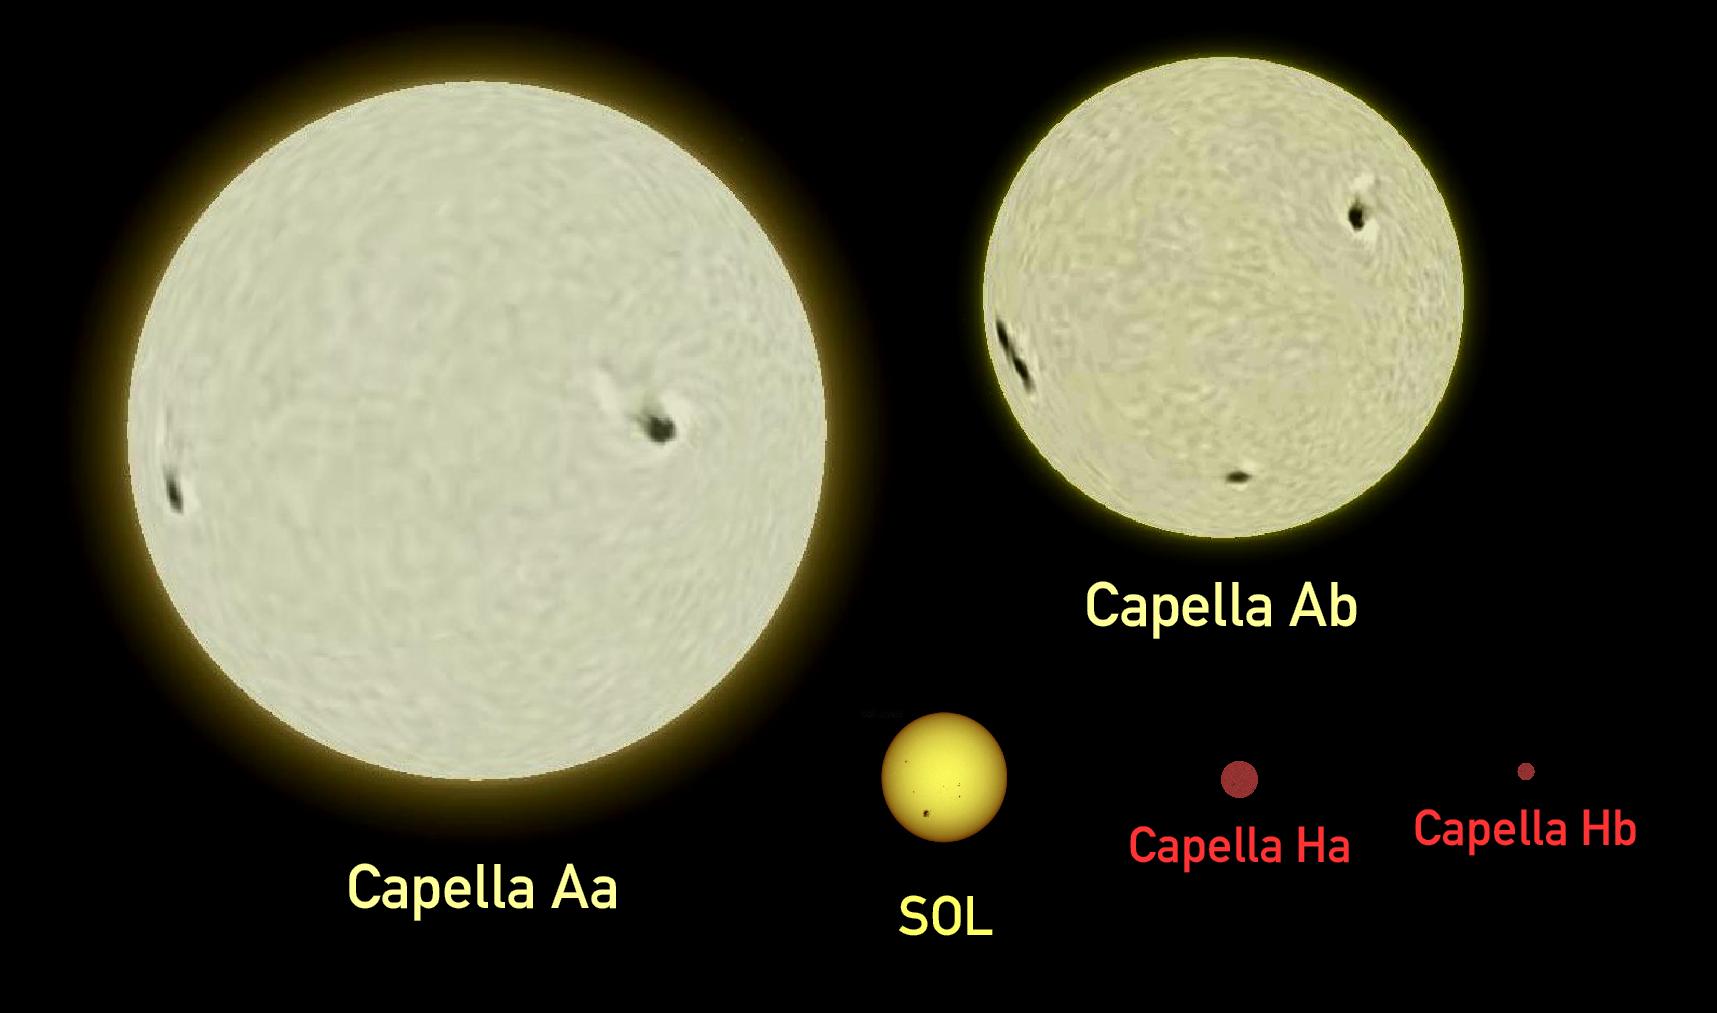 Capella-Sol - To no Cosmos